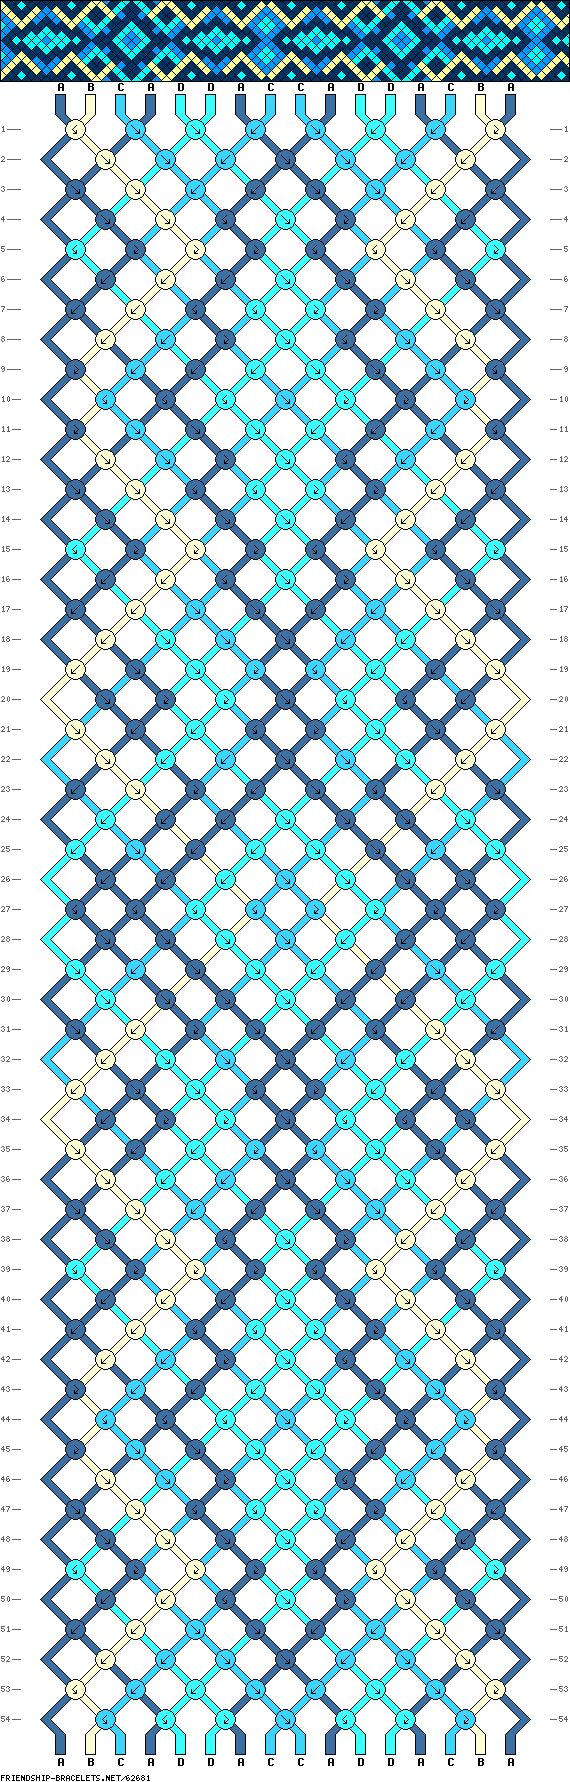 Muster # 62681, Streicher: 16 Zeilen: 54 Farben: 4